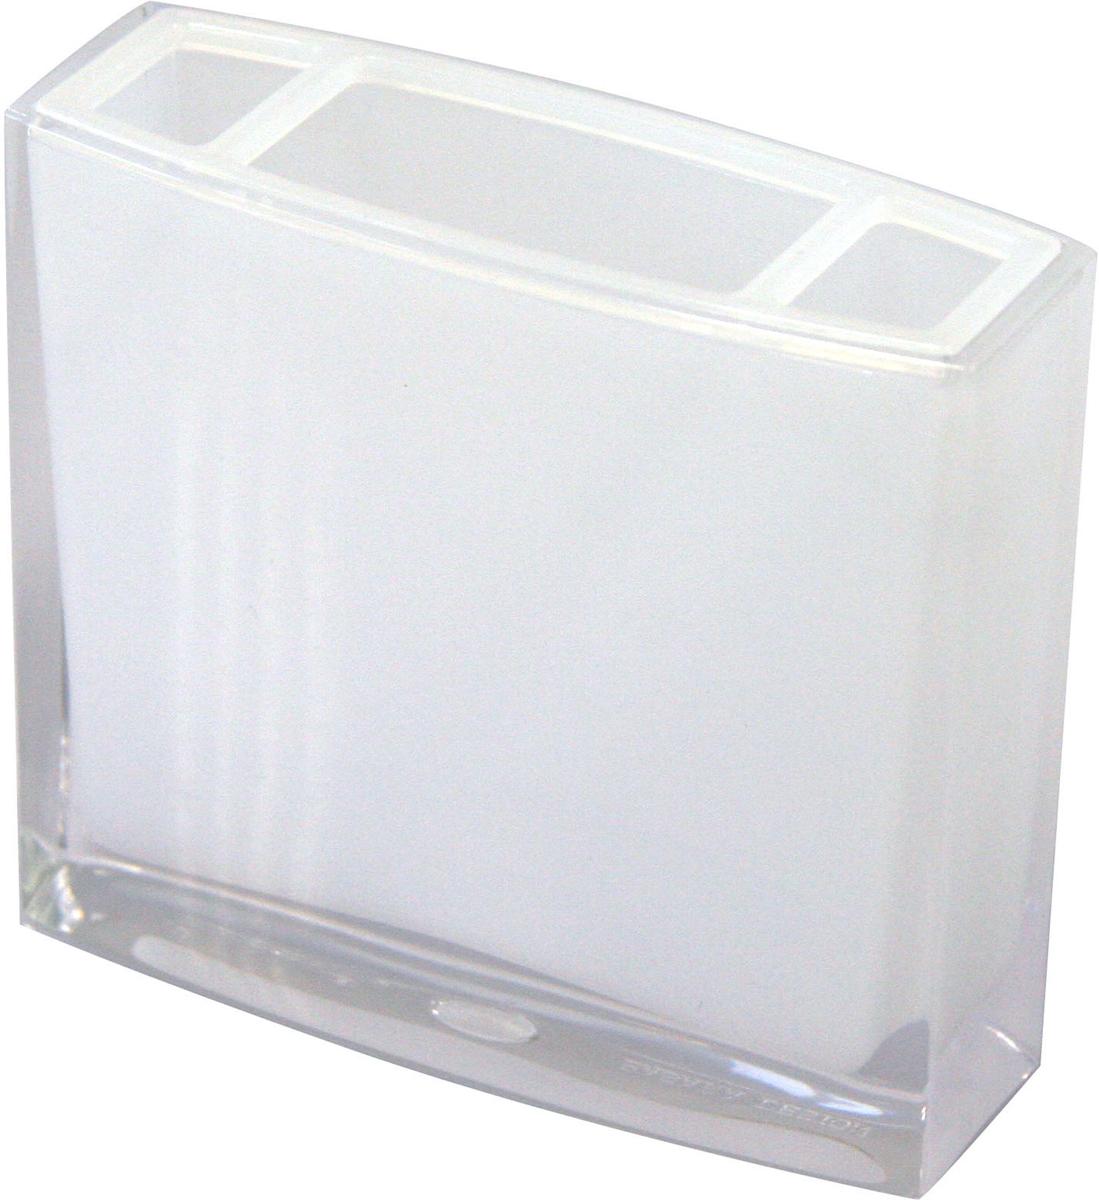 """Стакан для зубных щеток Axentia """"Priamos"""" изготовлен из высококачественного акрила белого цвета. Изделие превосходно дополнит интерьер ванной комнаты, отлично сочетается с другими аксессуарами из коллекции """"Priamos"""". Размеры стакана: 10,5  х 9,5 х 3 см."""